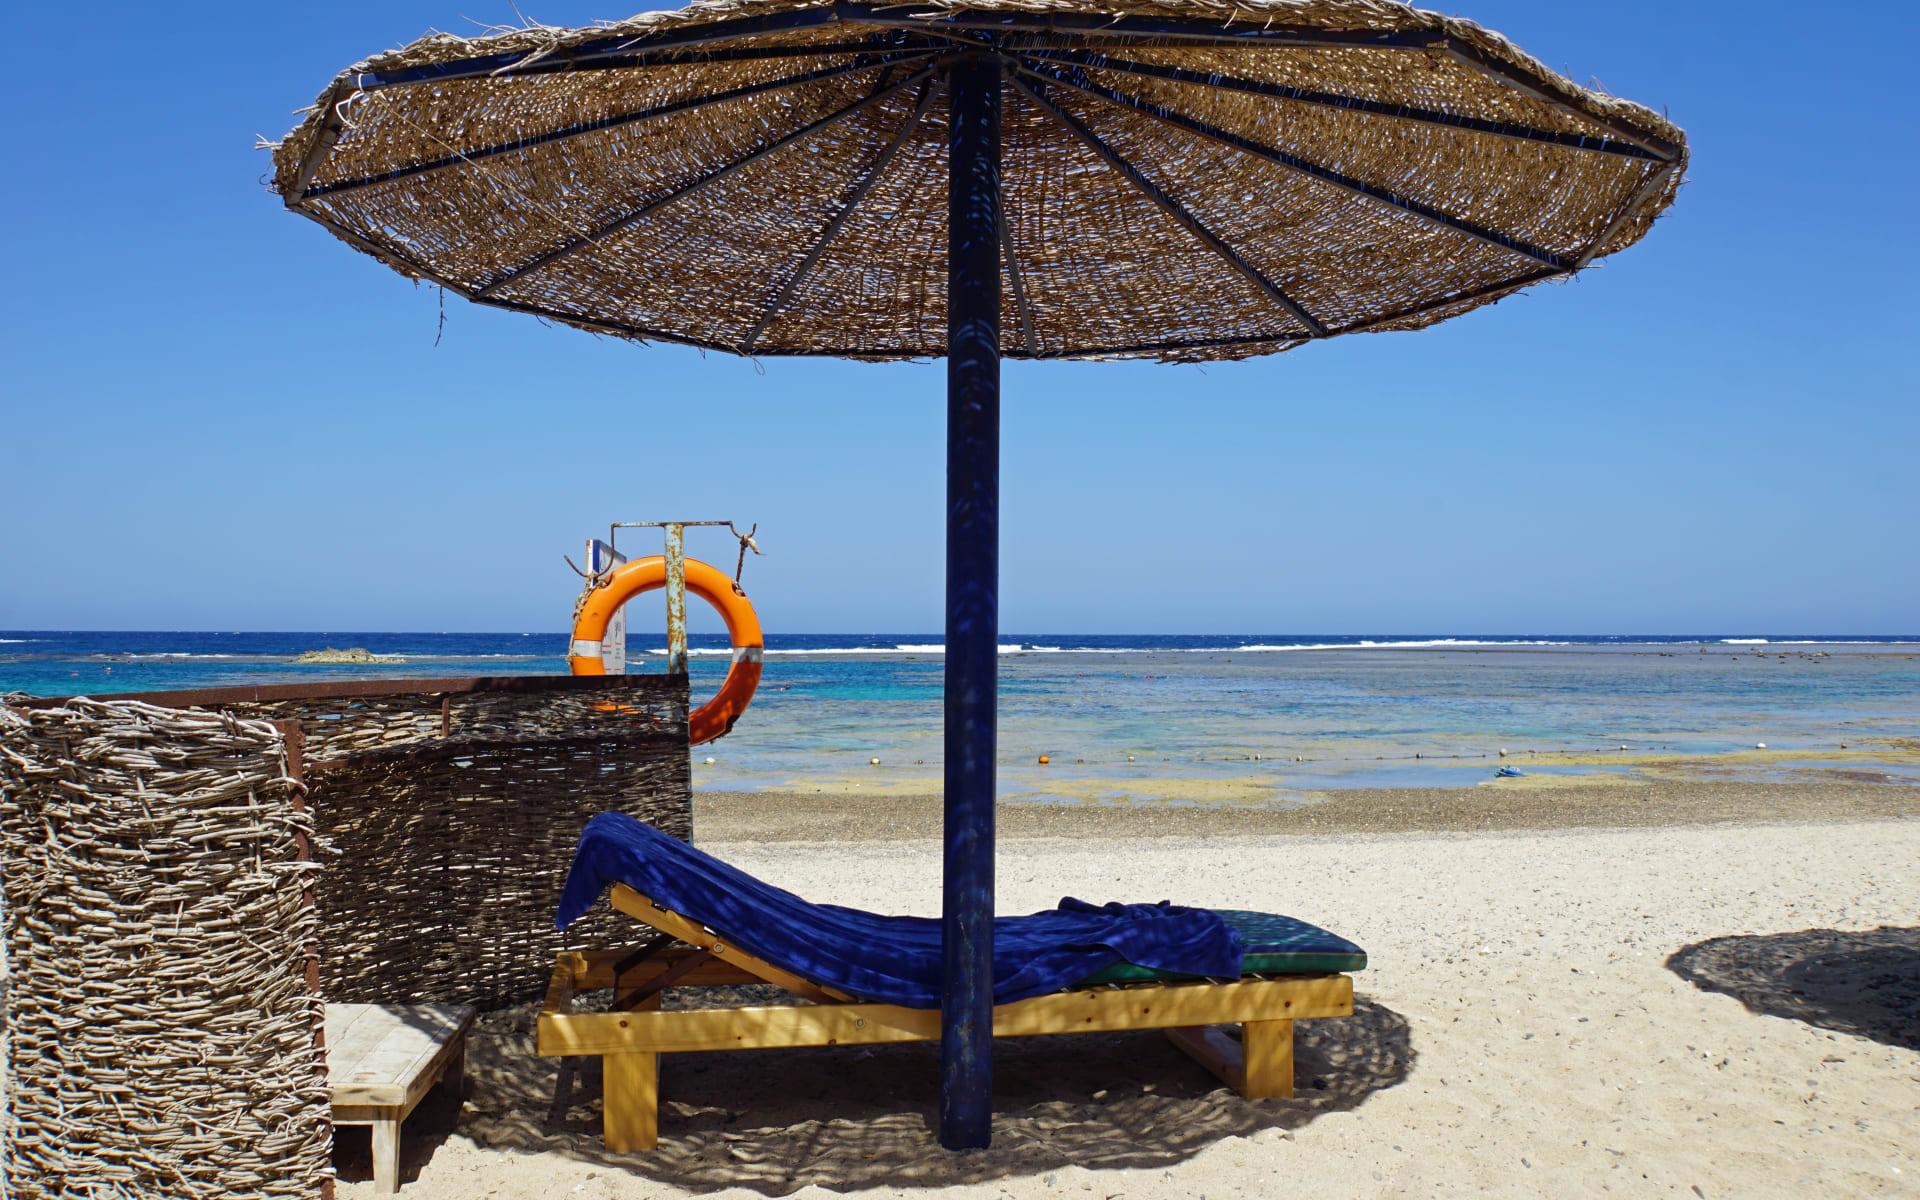 Badeferien im LTI Akassia Beach ab El Quseir: Liegestuhl El Quseir